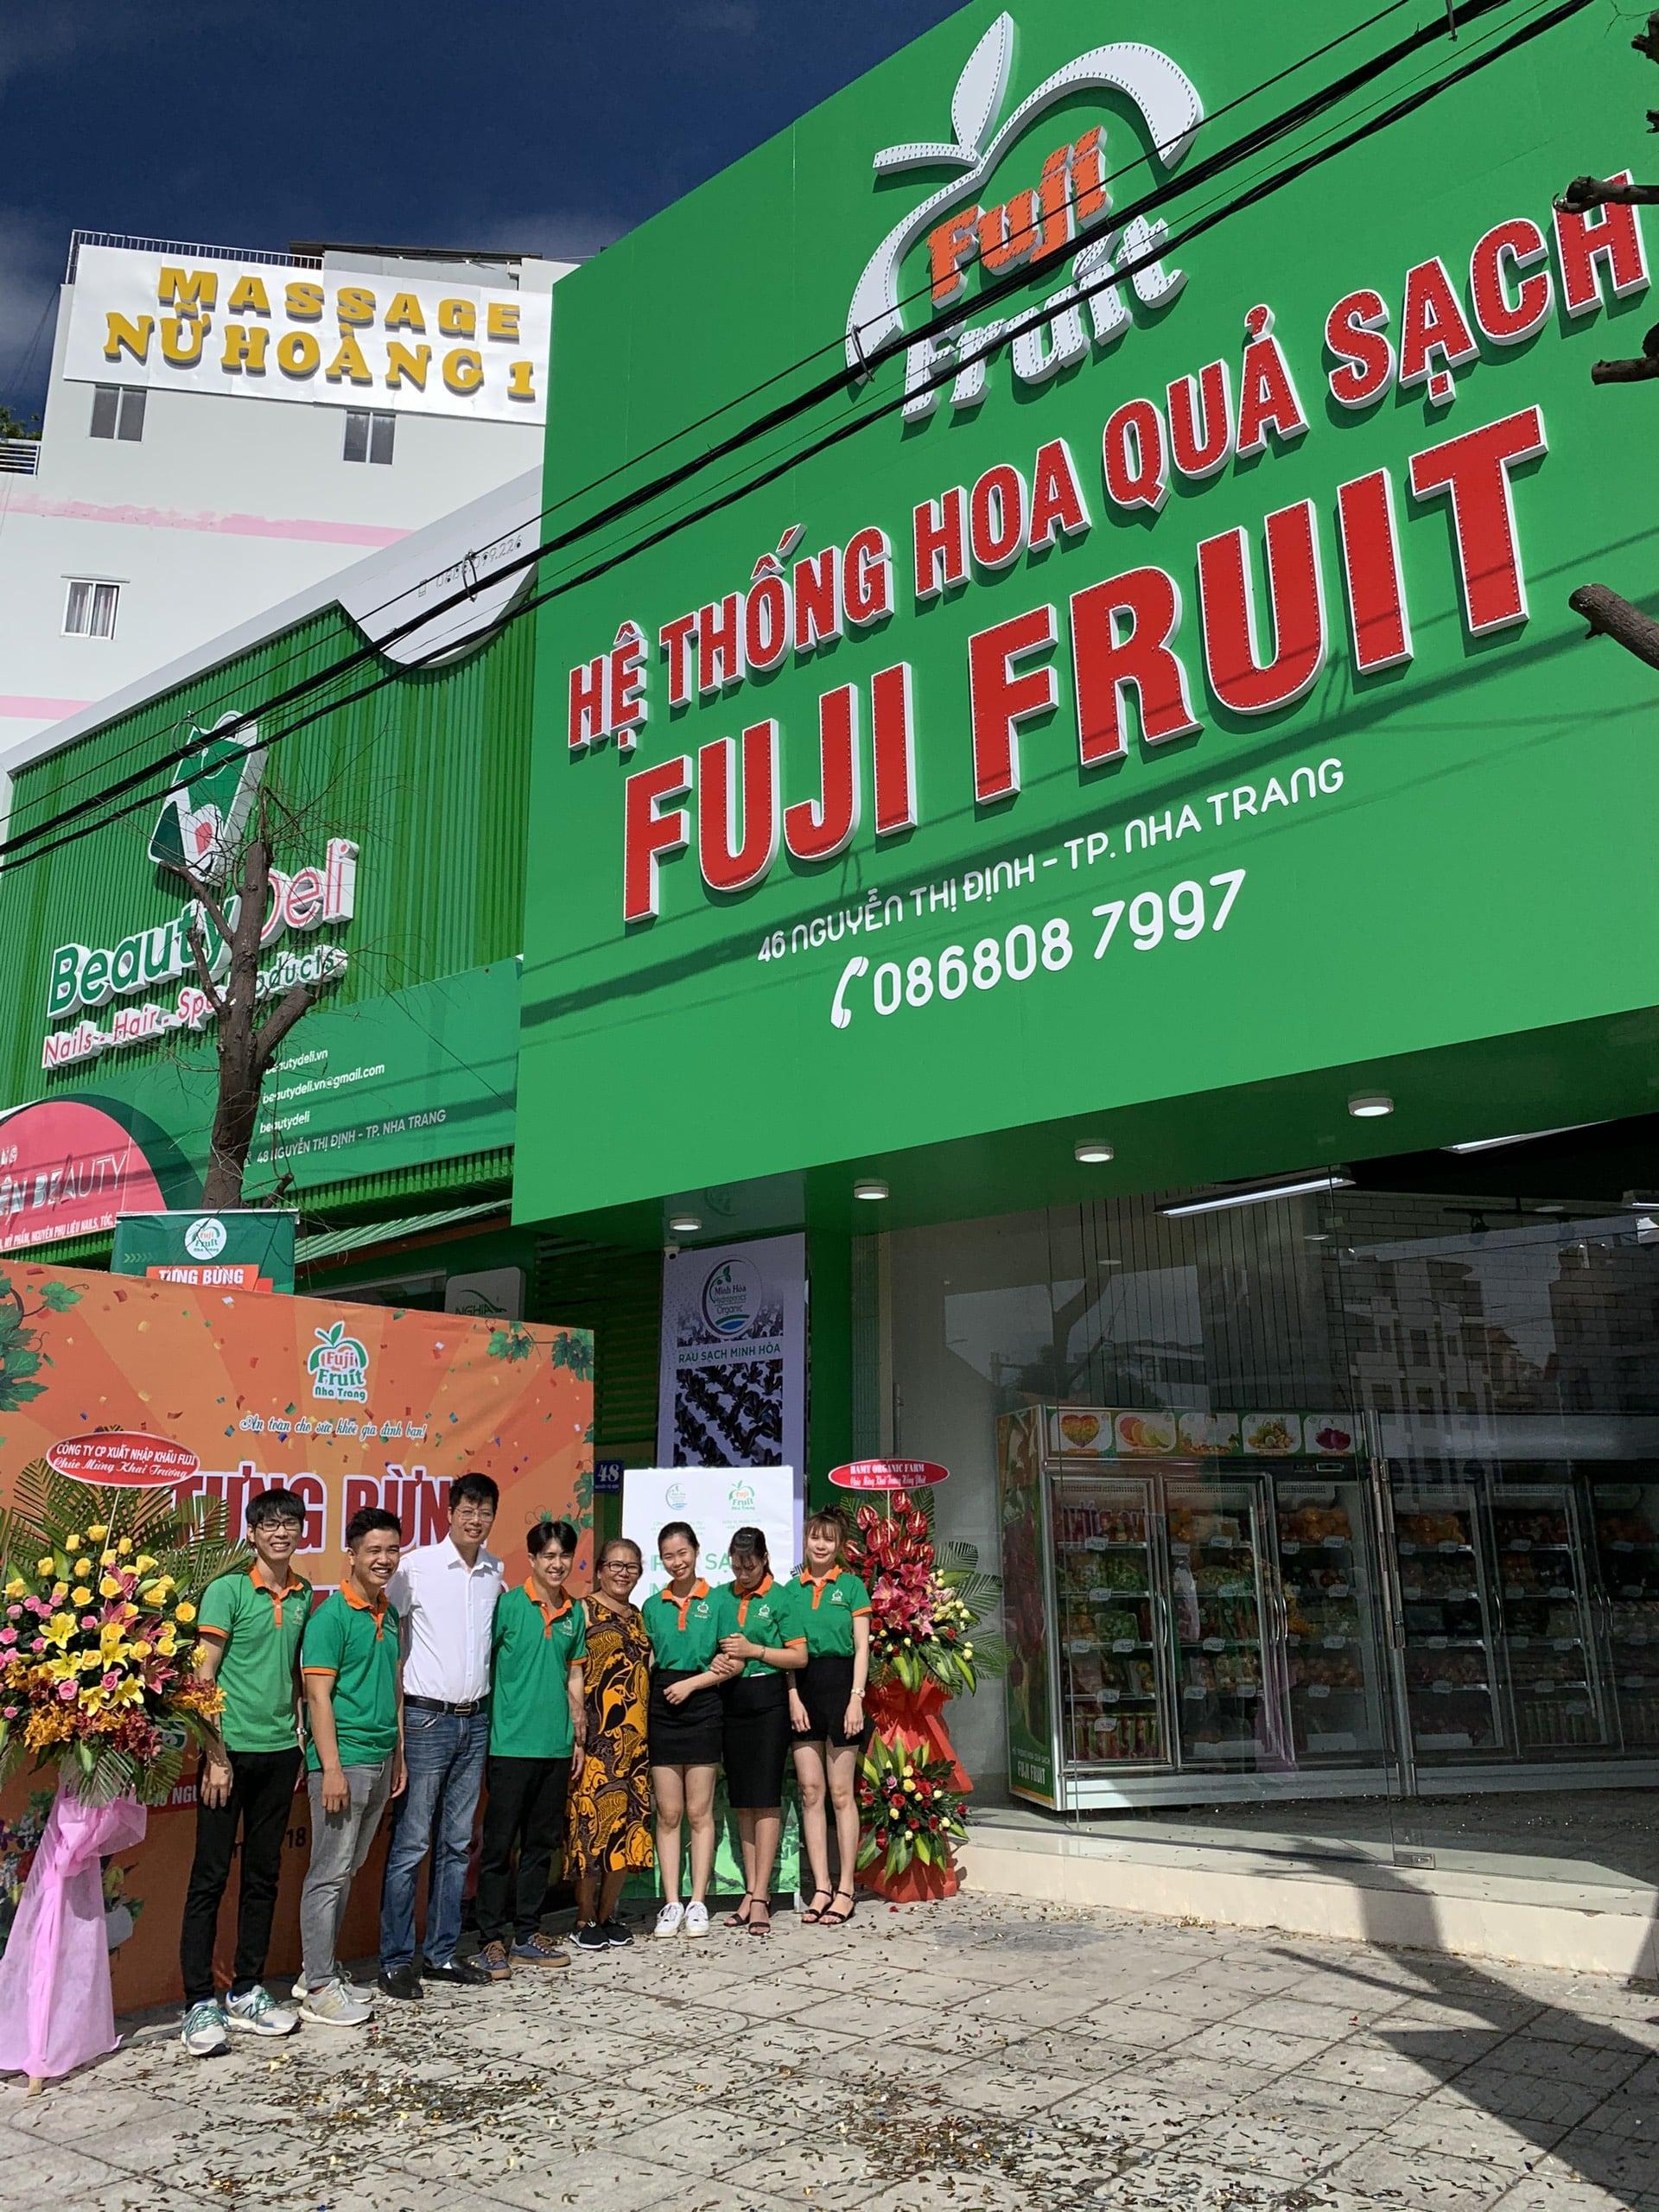 TƯNG BỪNG KHAI TRƯƠNG HQS NHA TRANG 4 | Hệ thống hoa quả sạch nhập khẩu Fuji